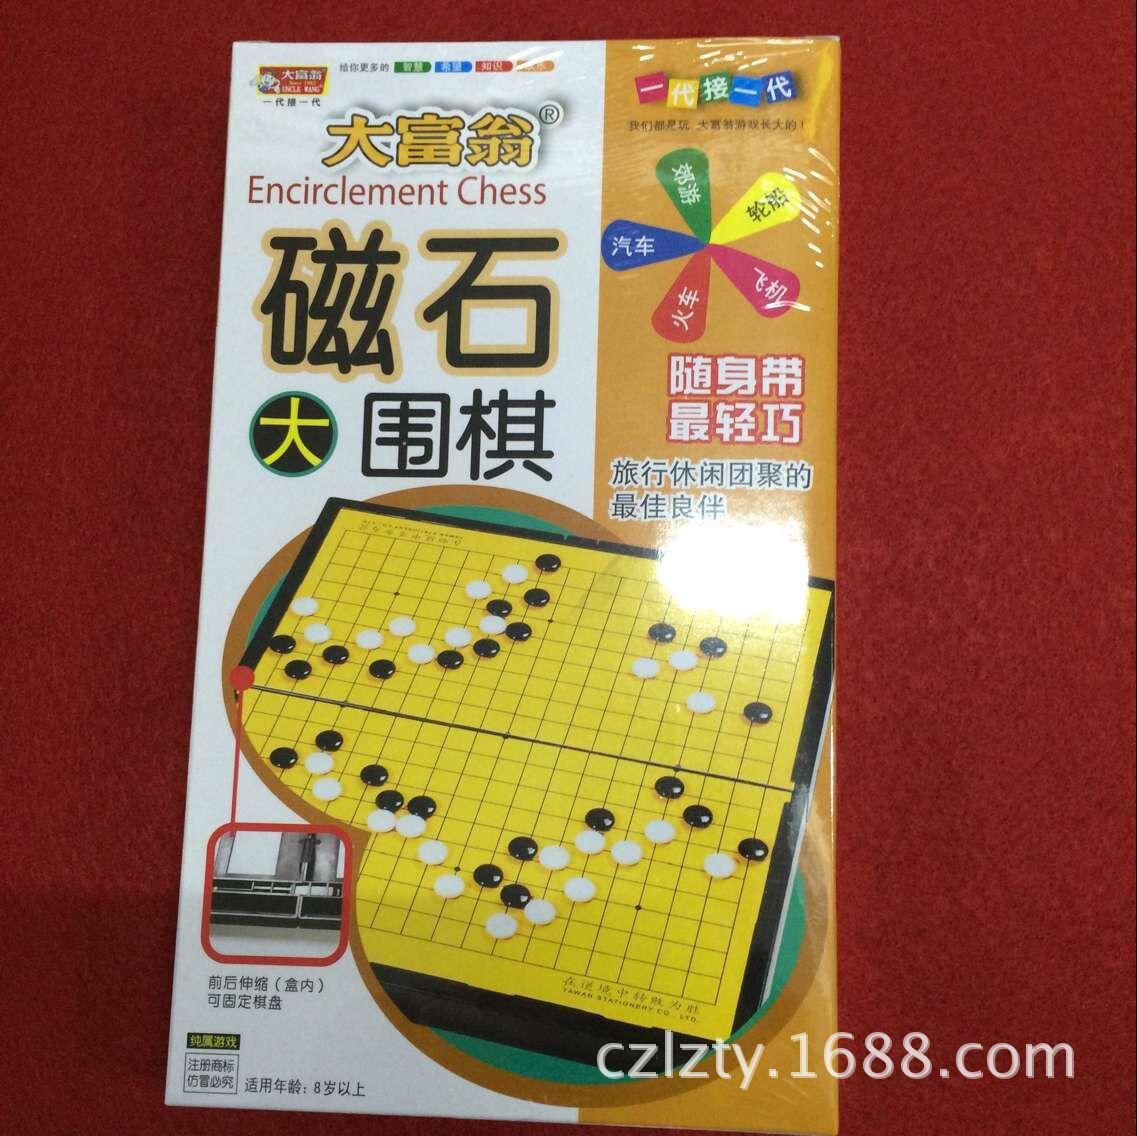 厂价直销正品大富翁8065磁石围棋 磁性折叠棋盘棋牌用品一件代发